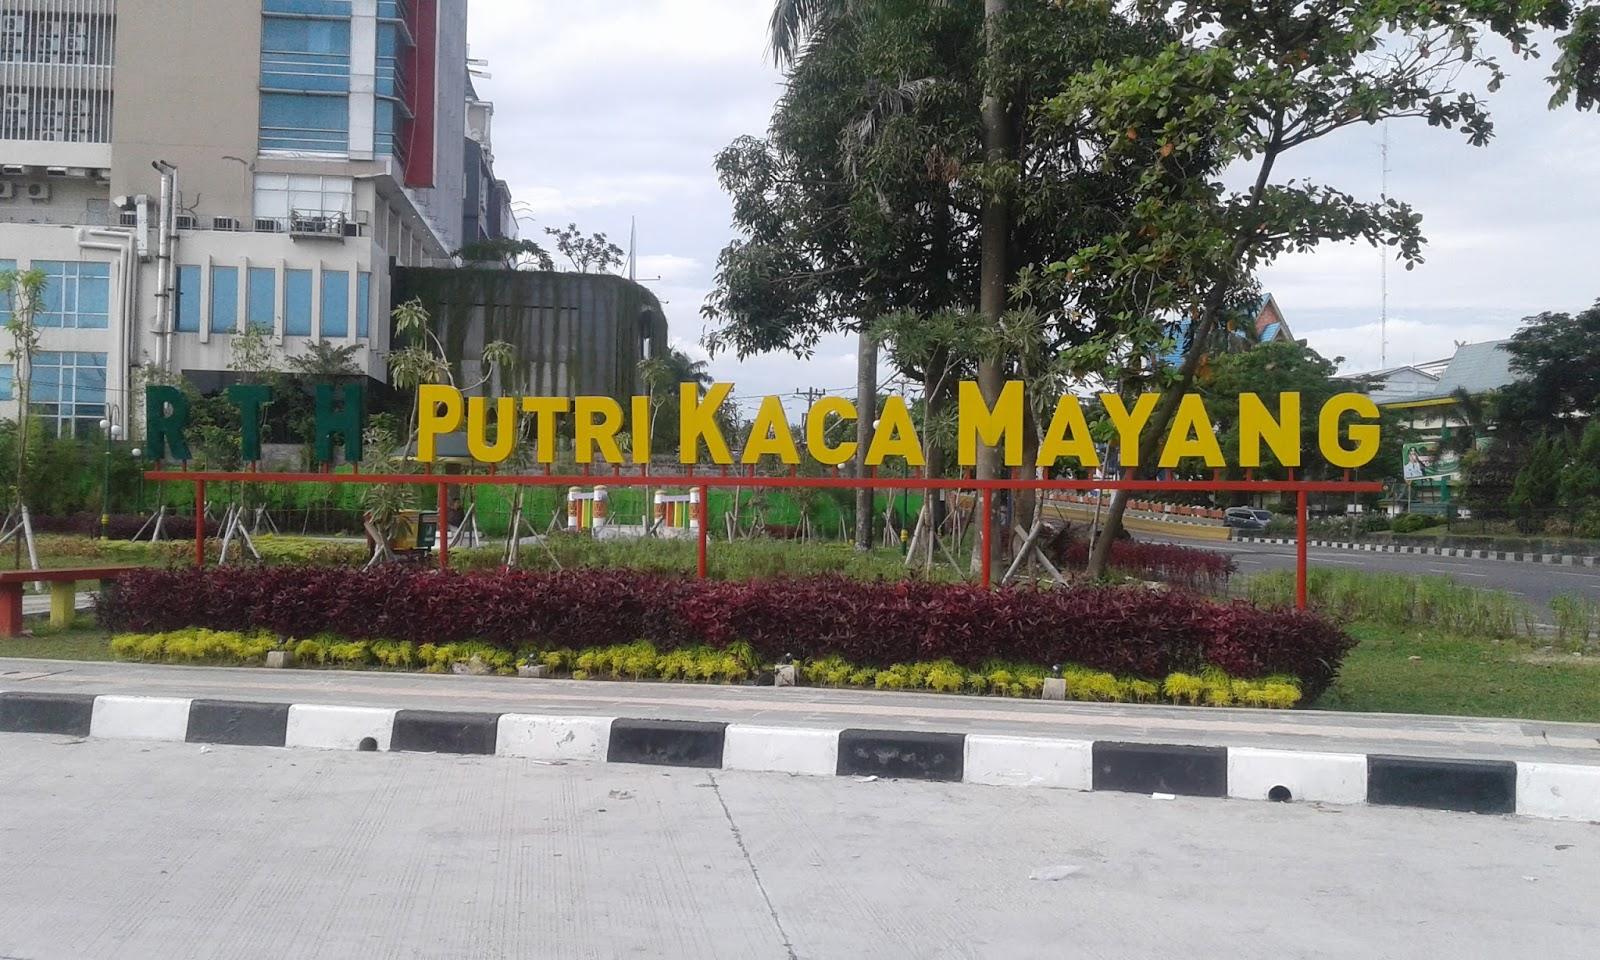 Taman Rth Putri Kaca Mayang Alamatpekanbaru Kota Pekanbaru